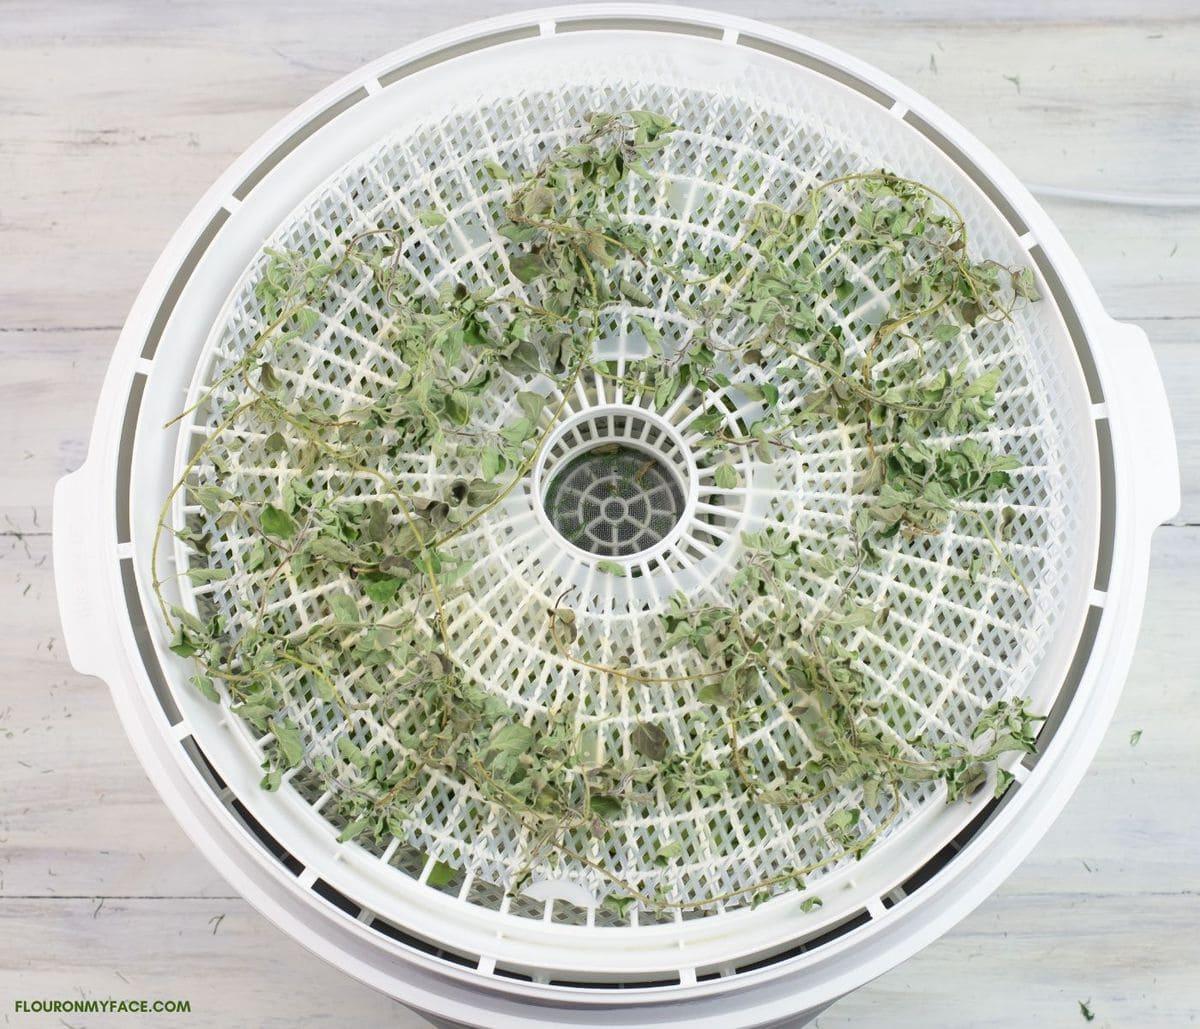 Dried oregano stems on a rough dehydrator tray.